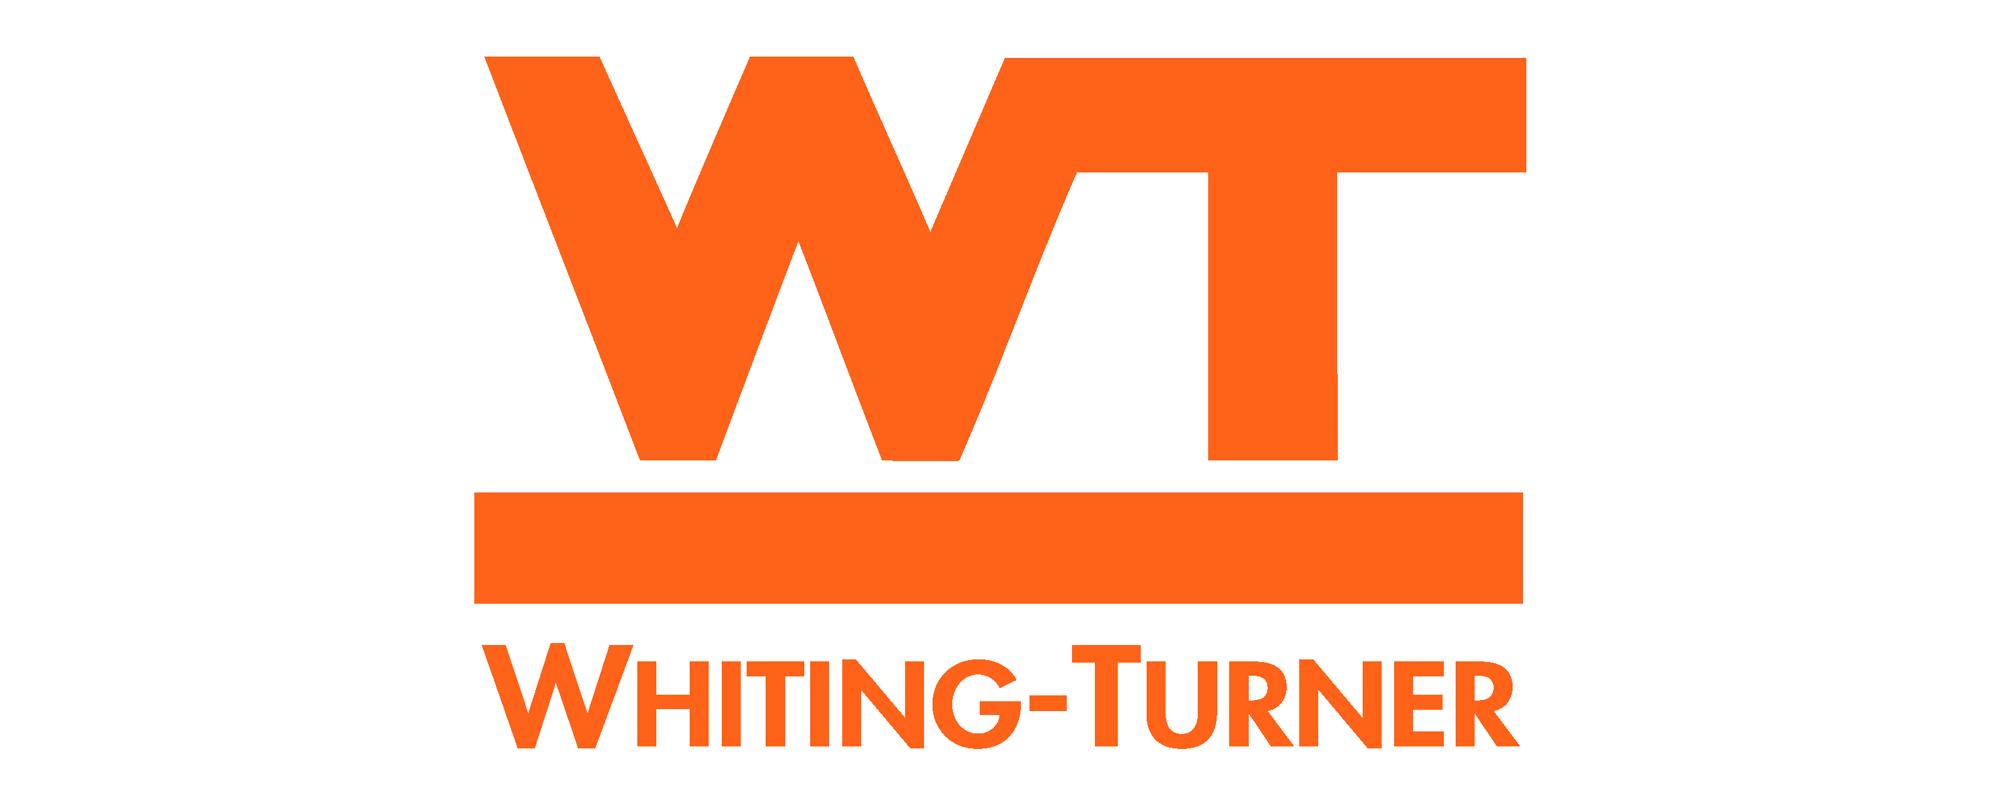 Wt-orange-1